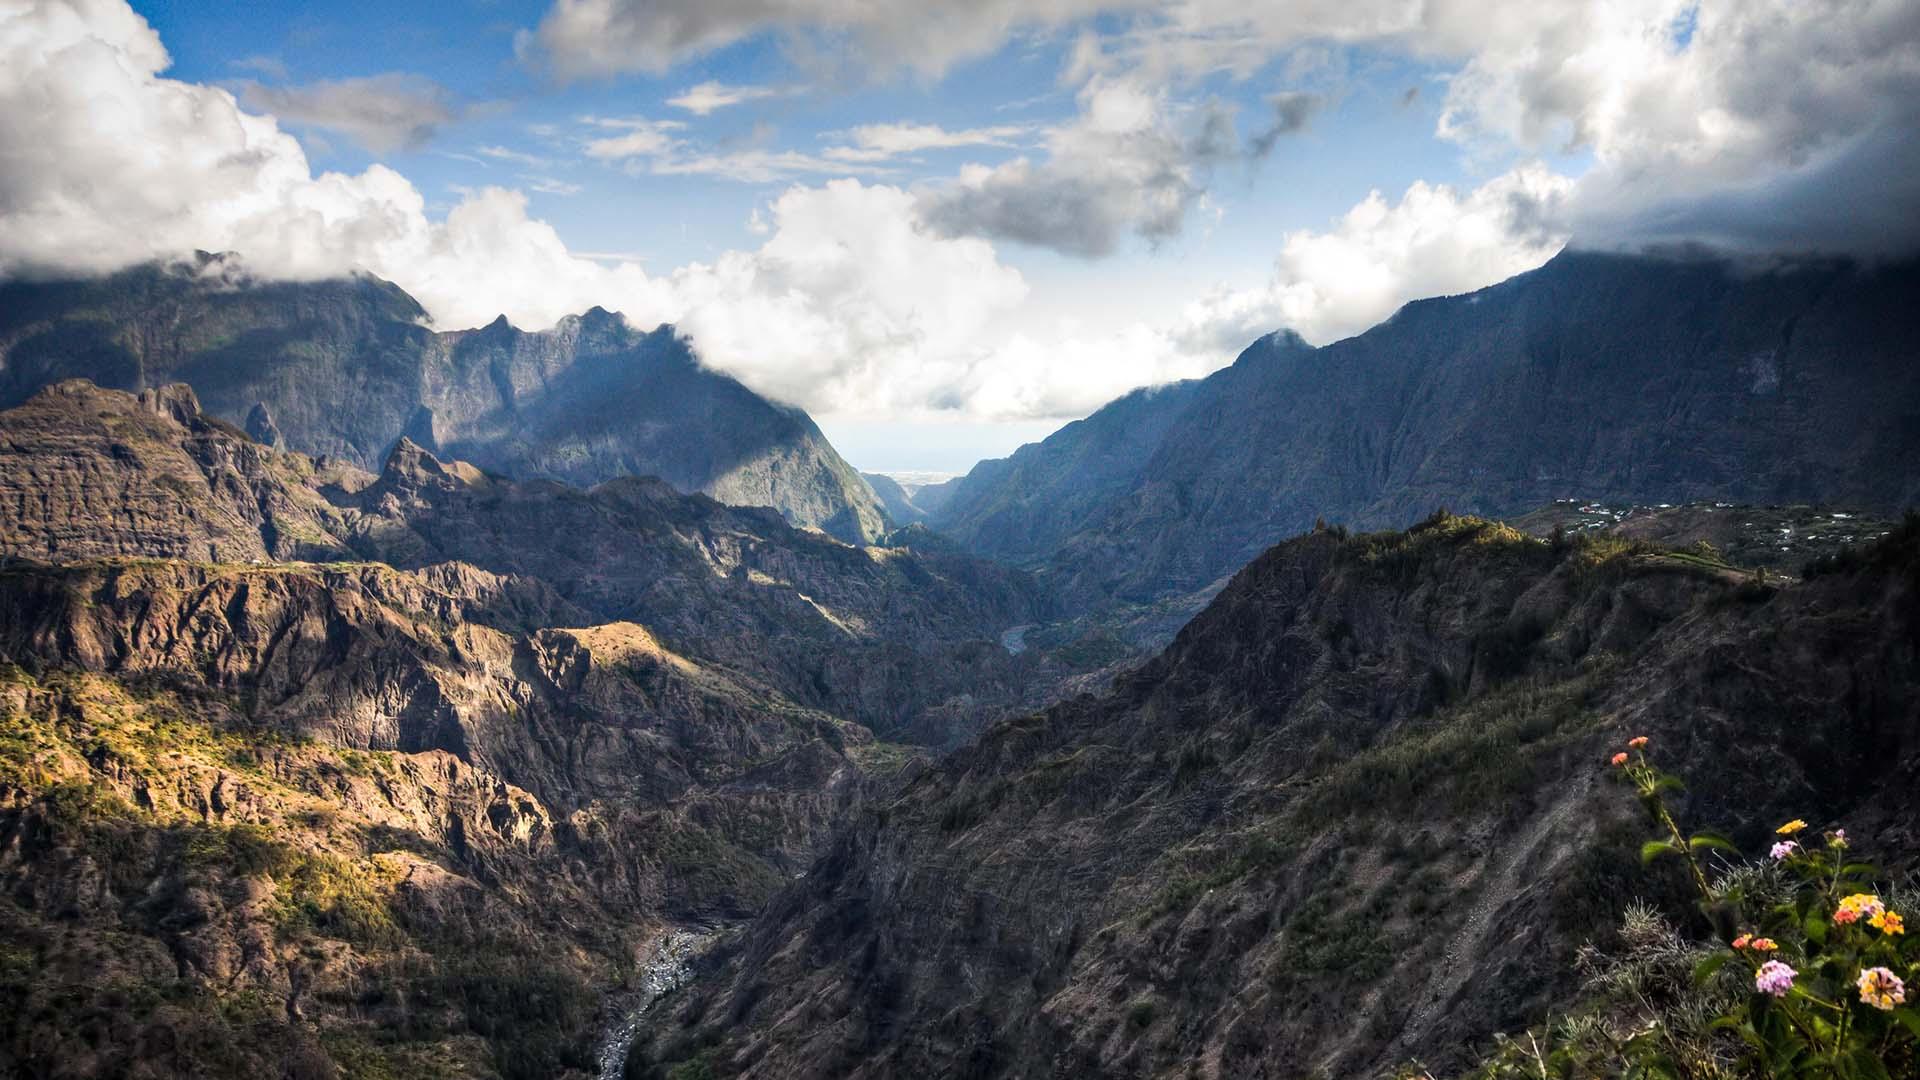 Wiki Loves Earth : en mai, prenez votre appareil photo et mettez en valeur la nature